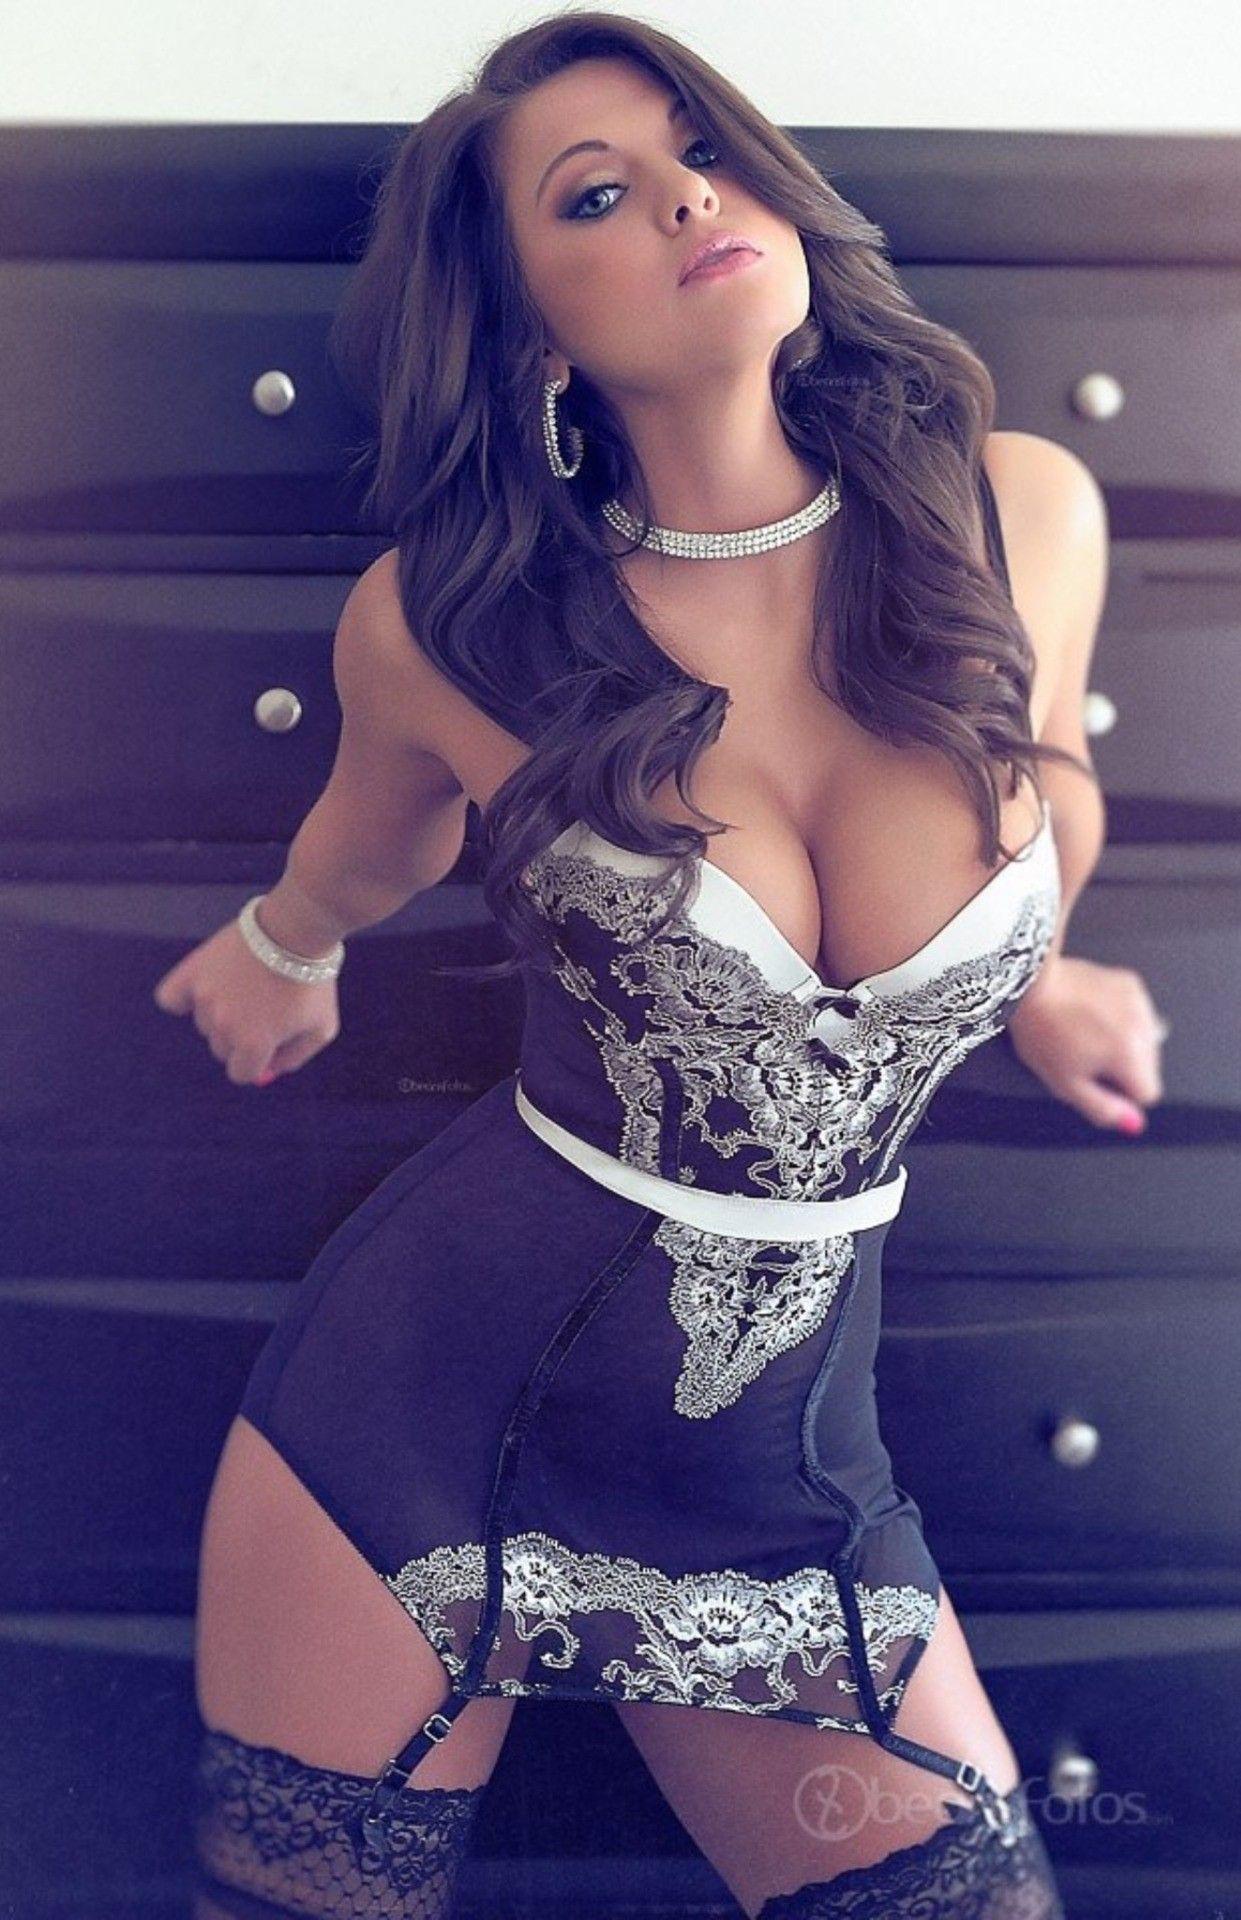 Belleza de mujer goloza y complaciente - 3 6